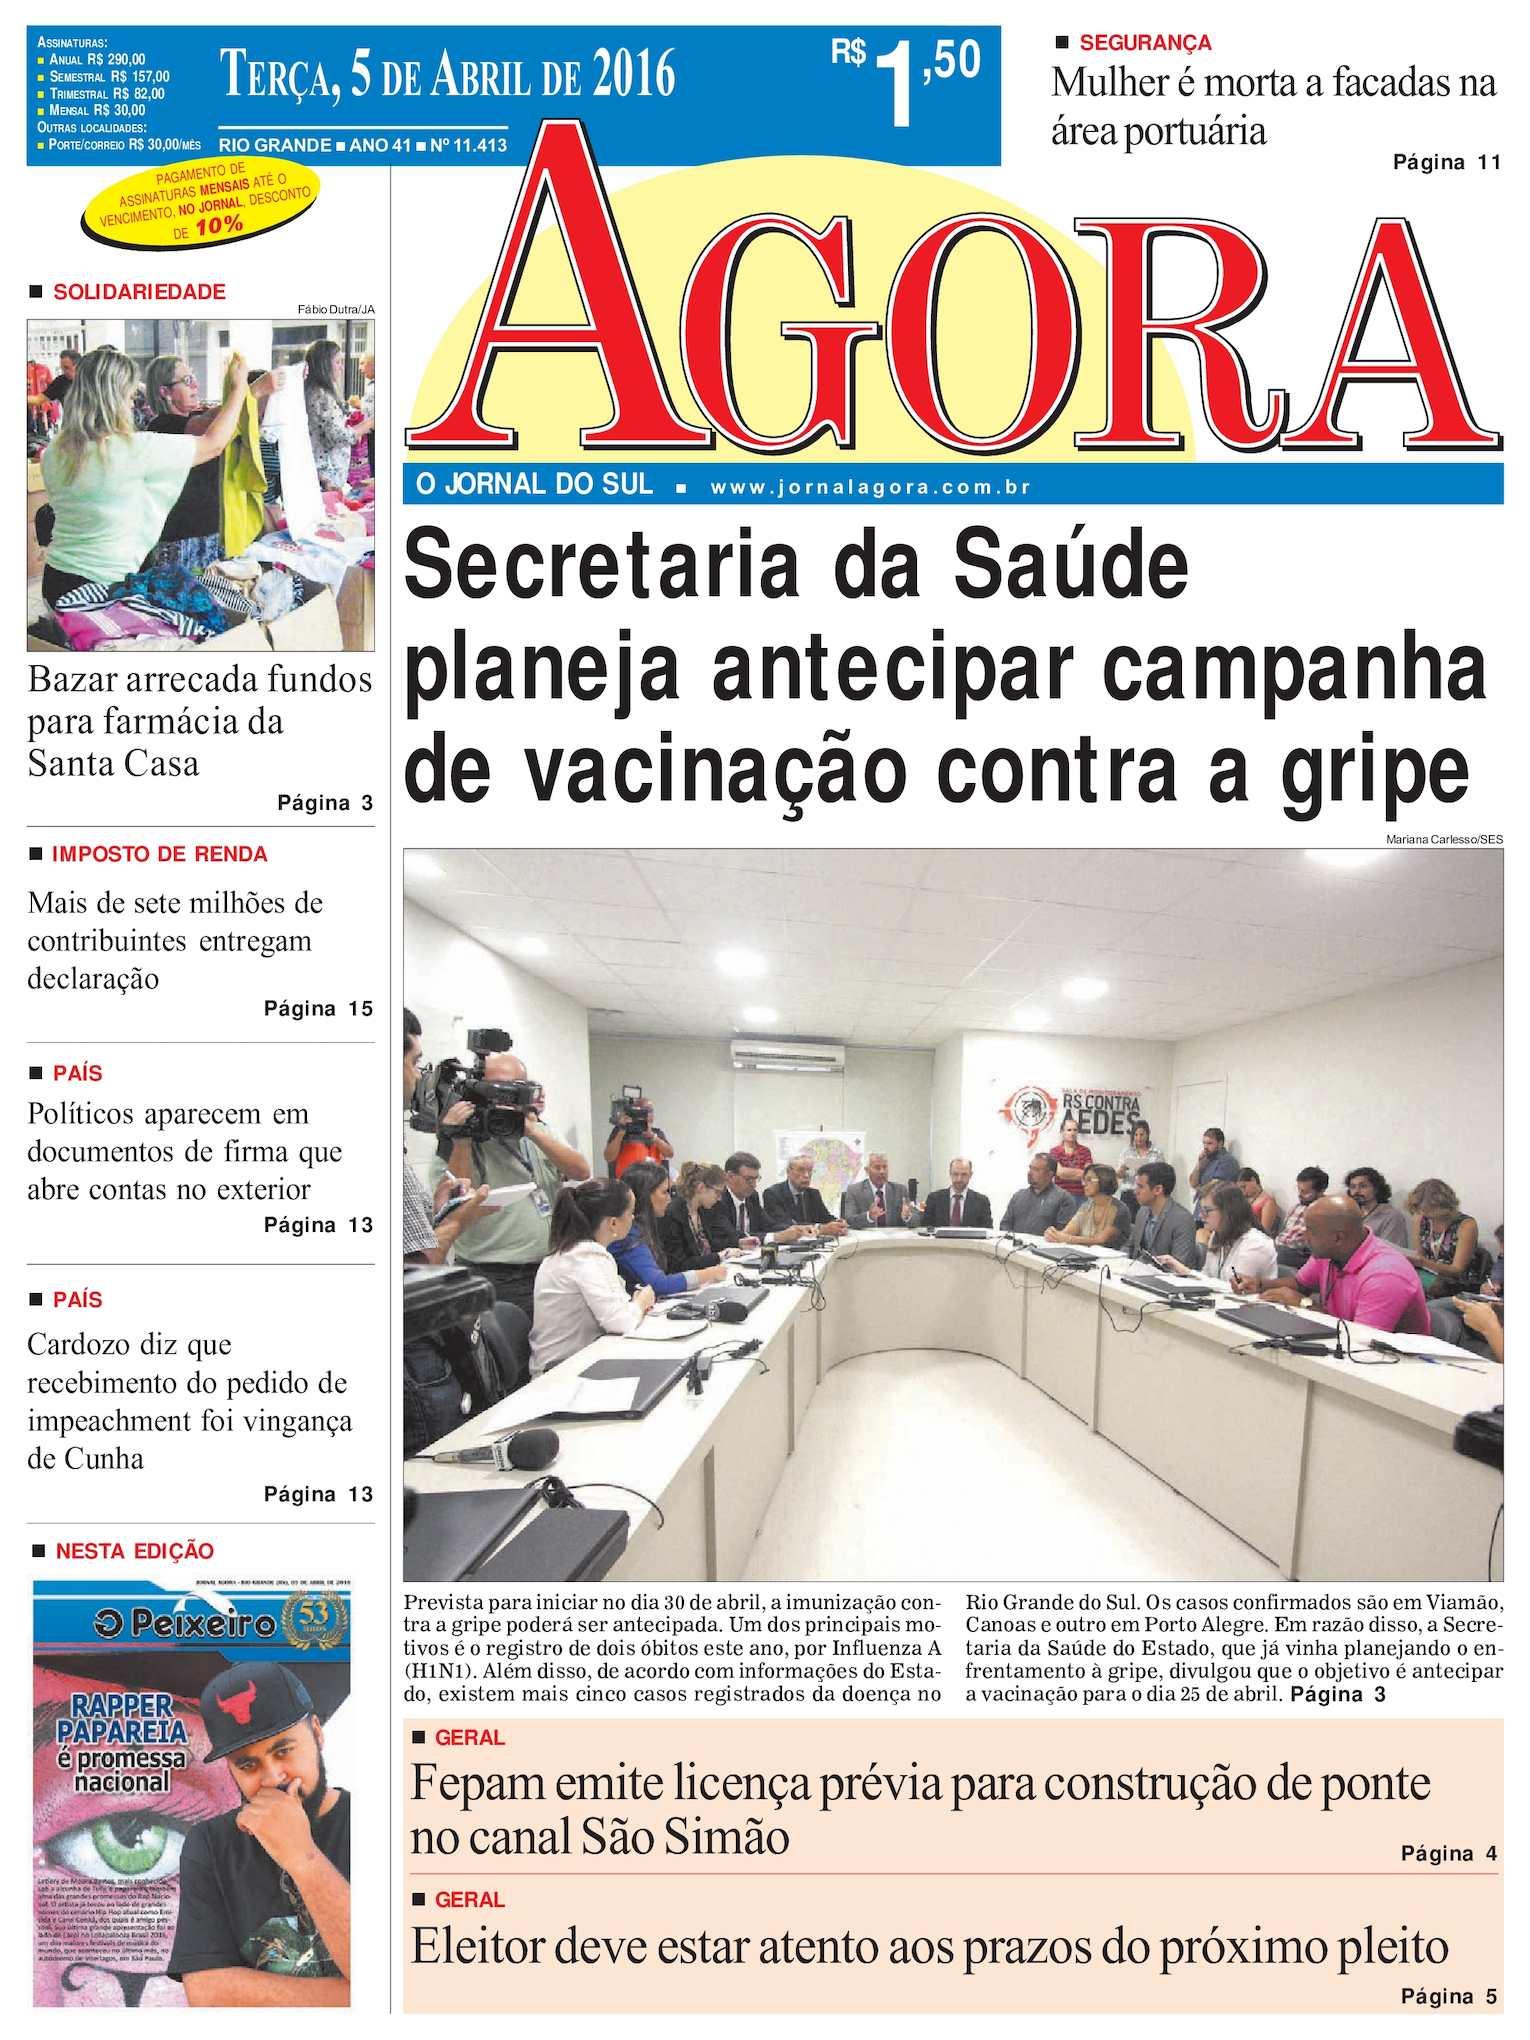 Calaméo - Jornal Agora - Edição 11413 - 5 de Abril de 2016 f9d1f30ef8